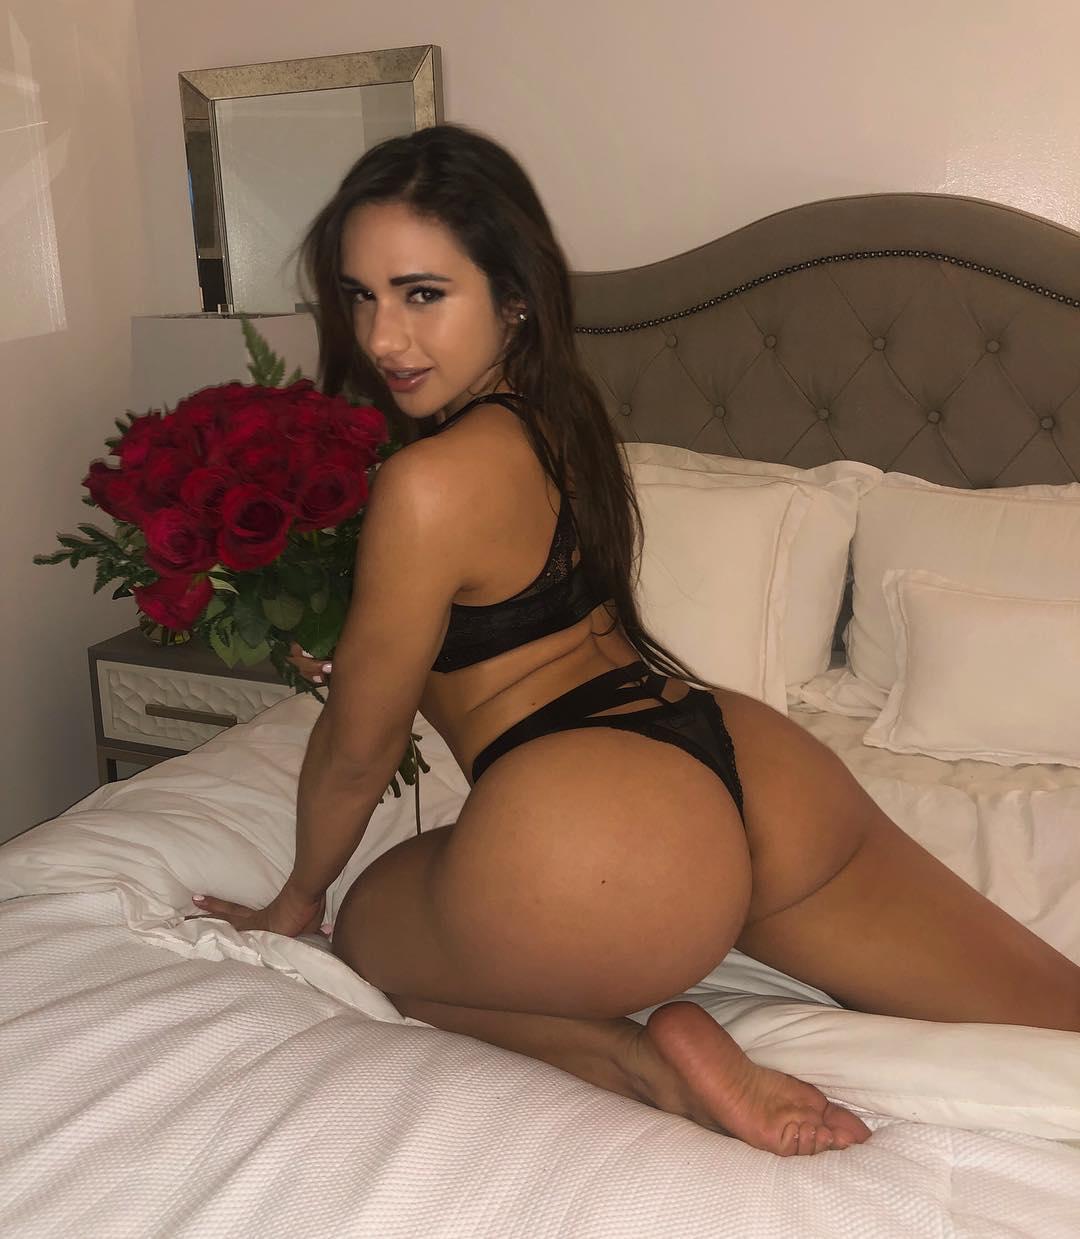 Ashley Dee Porn ashley ortiz porn pic - eporner